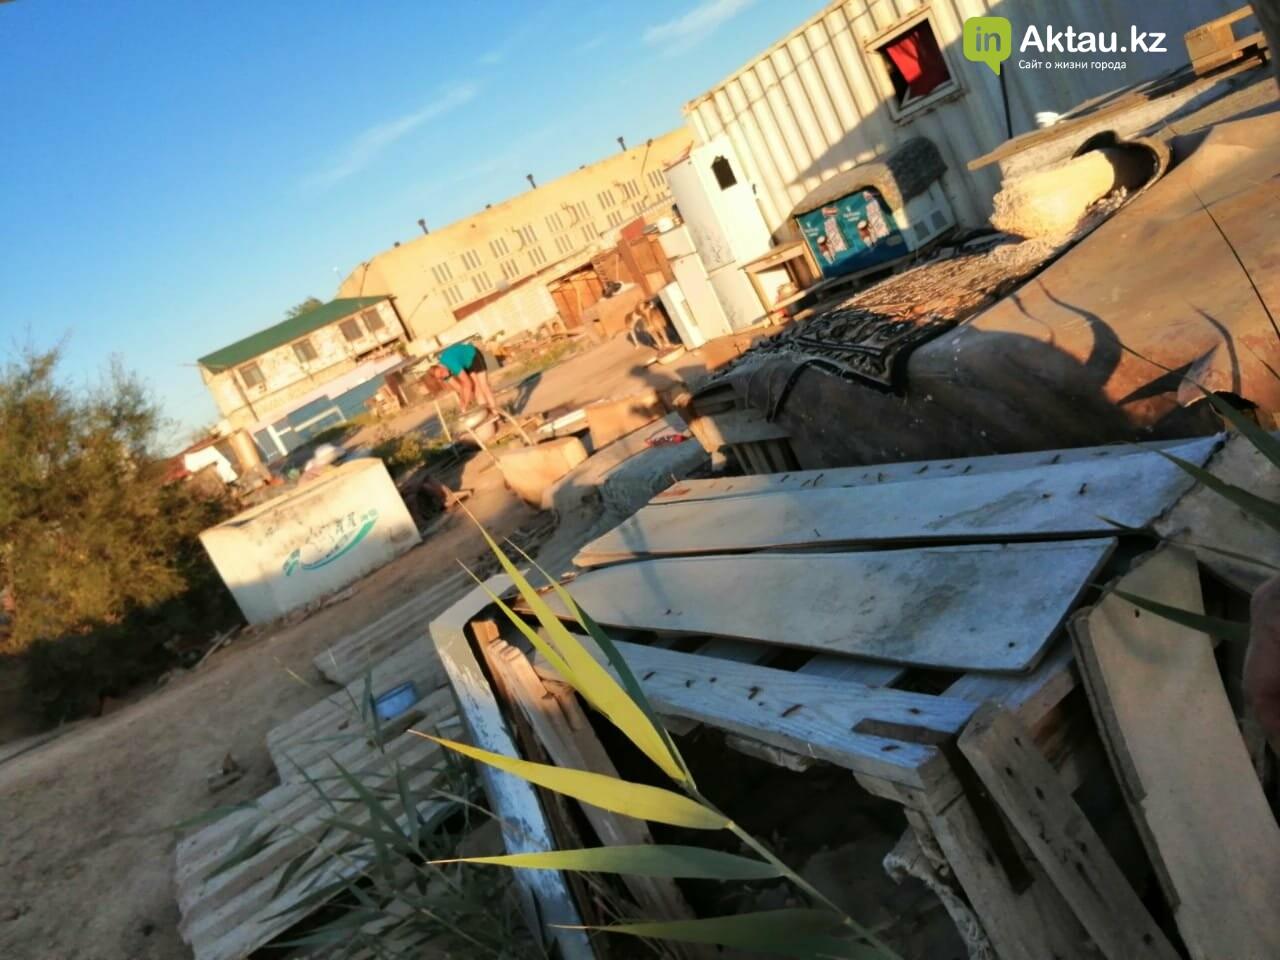 Волонтеры в Актау просят горожан помочь со строительством ограждения в приюте , фото-3